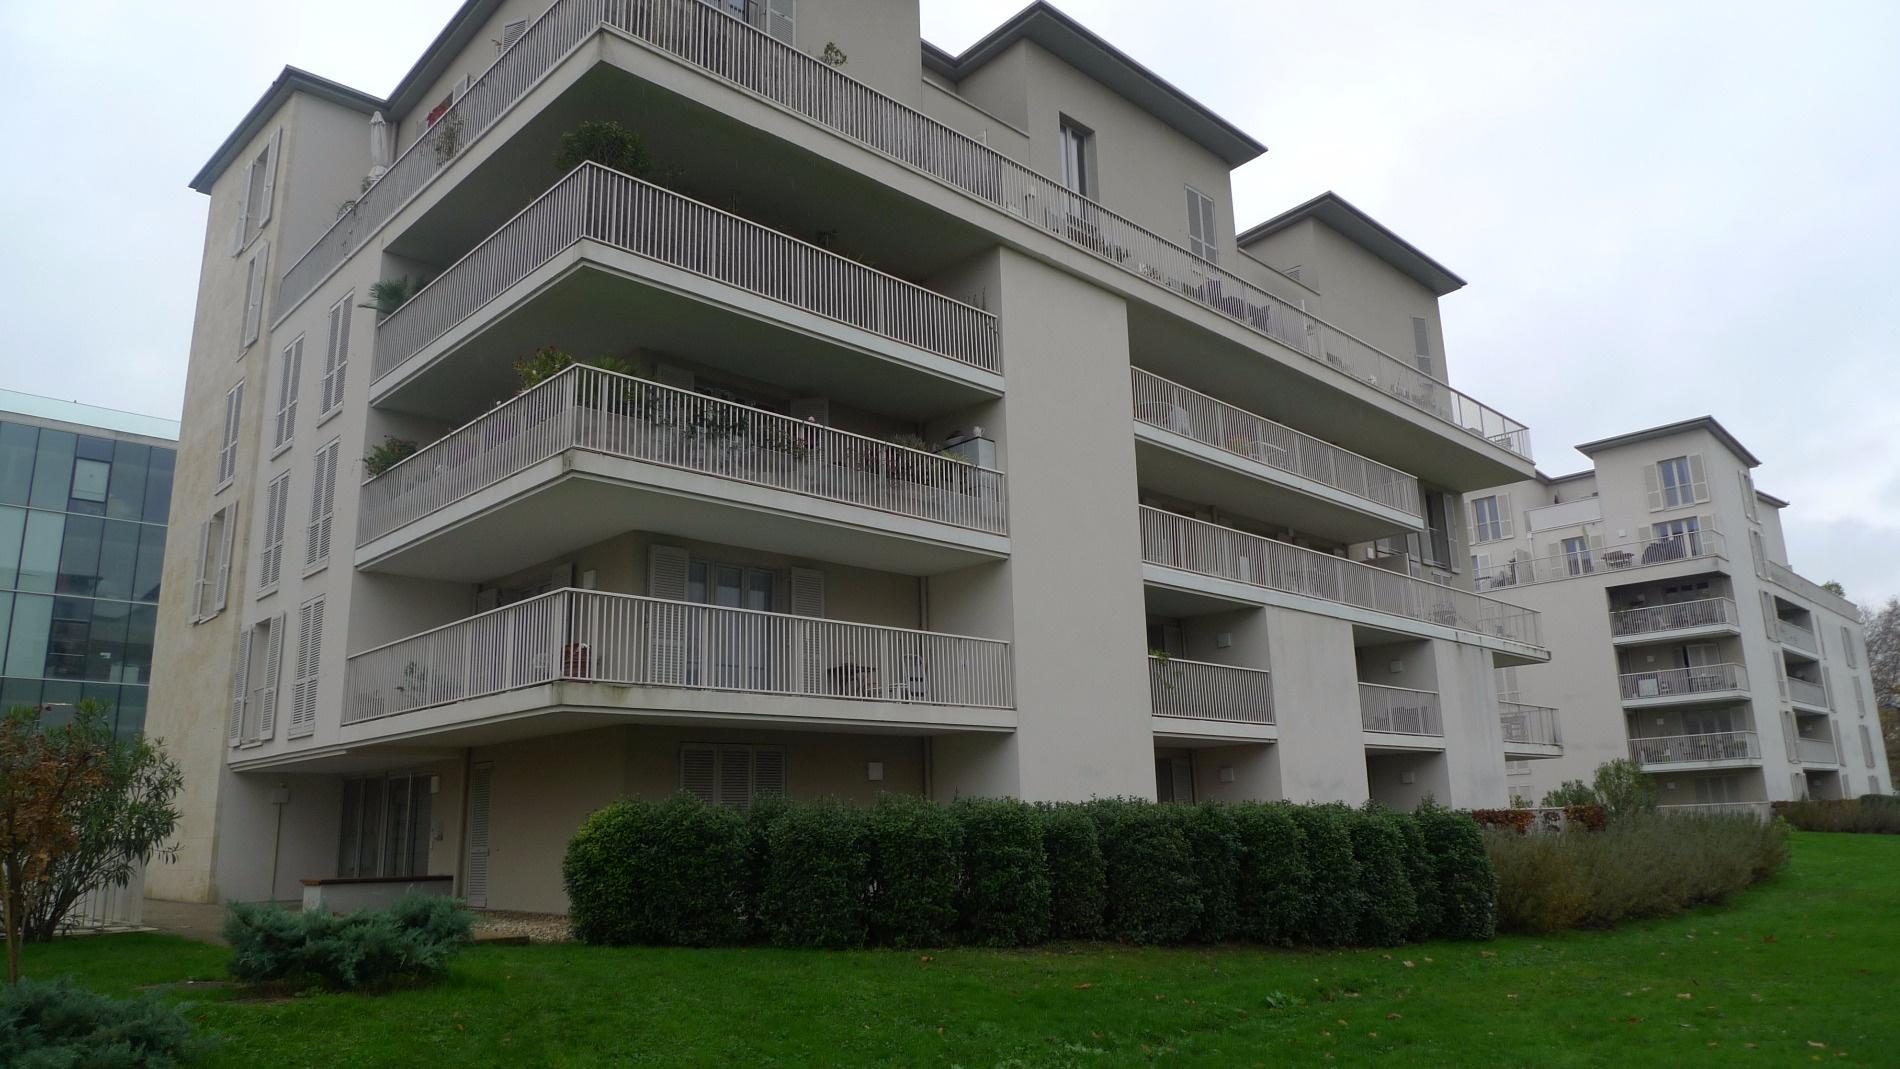 Vente bordeaux bastide r sidence l 39 autre quai for Vente appartement bordeaux bastide